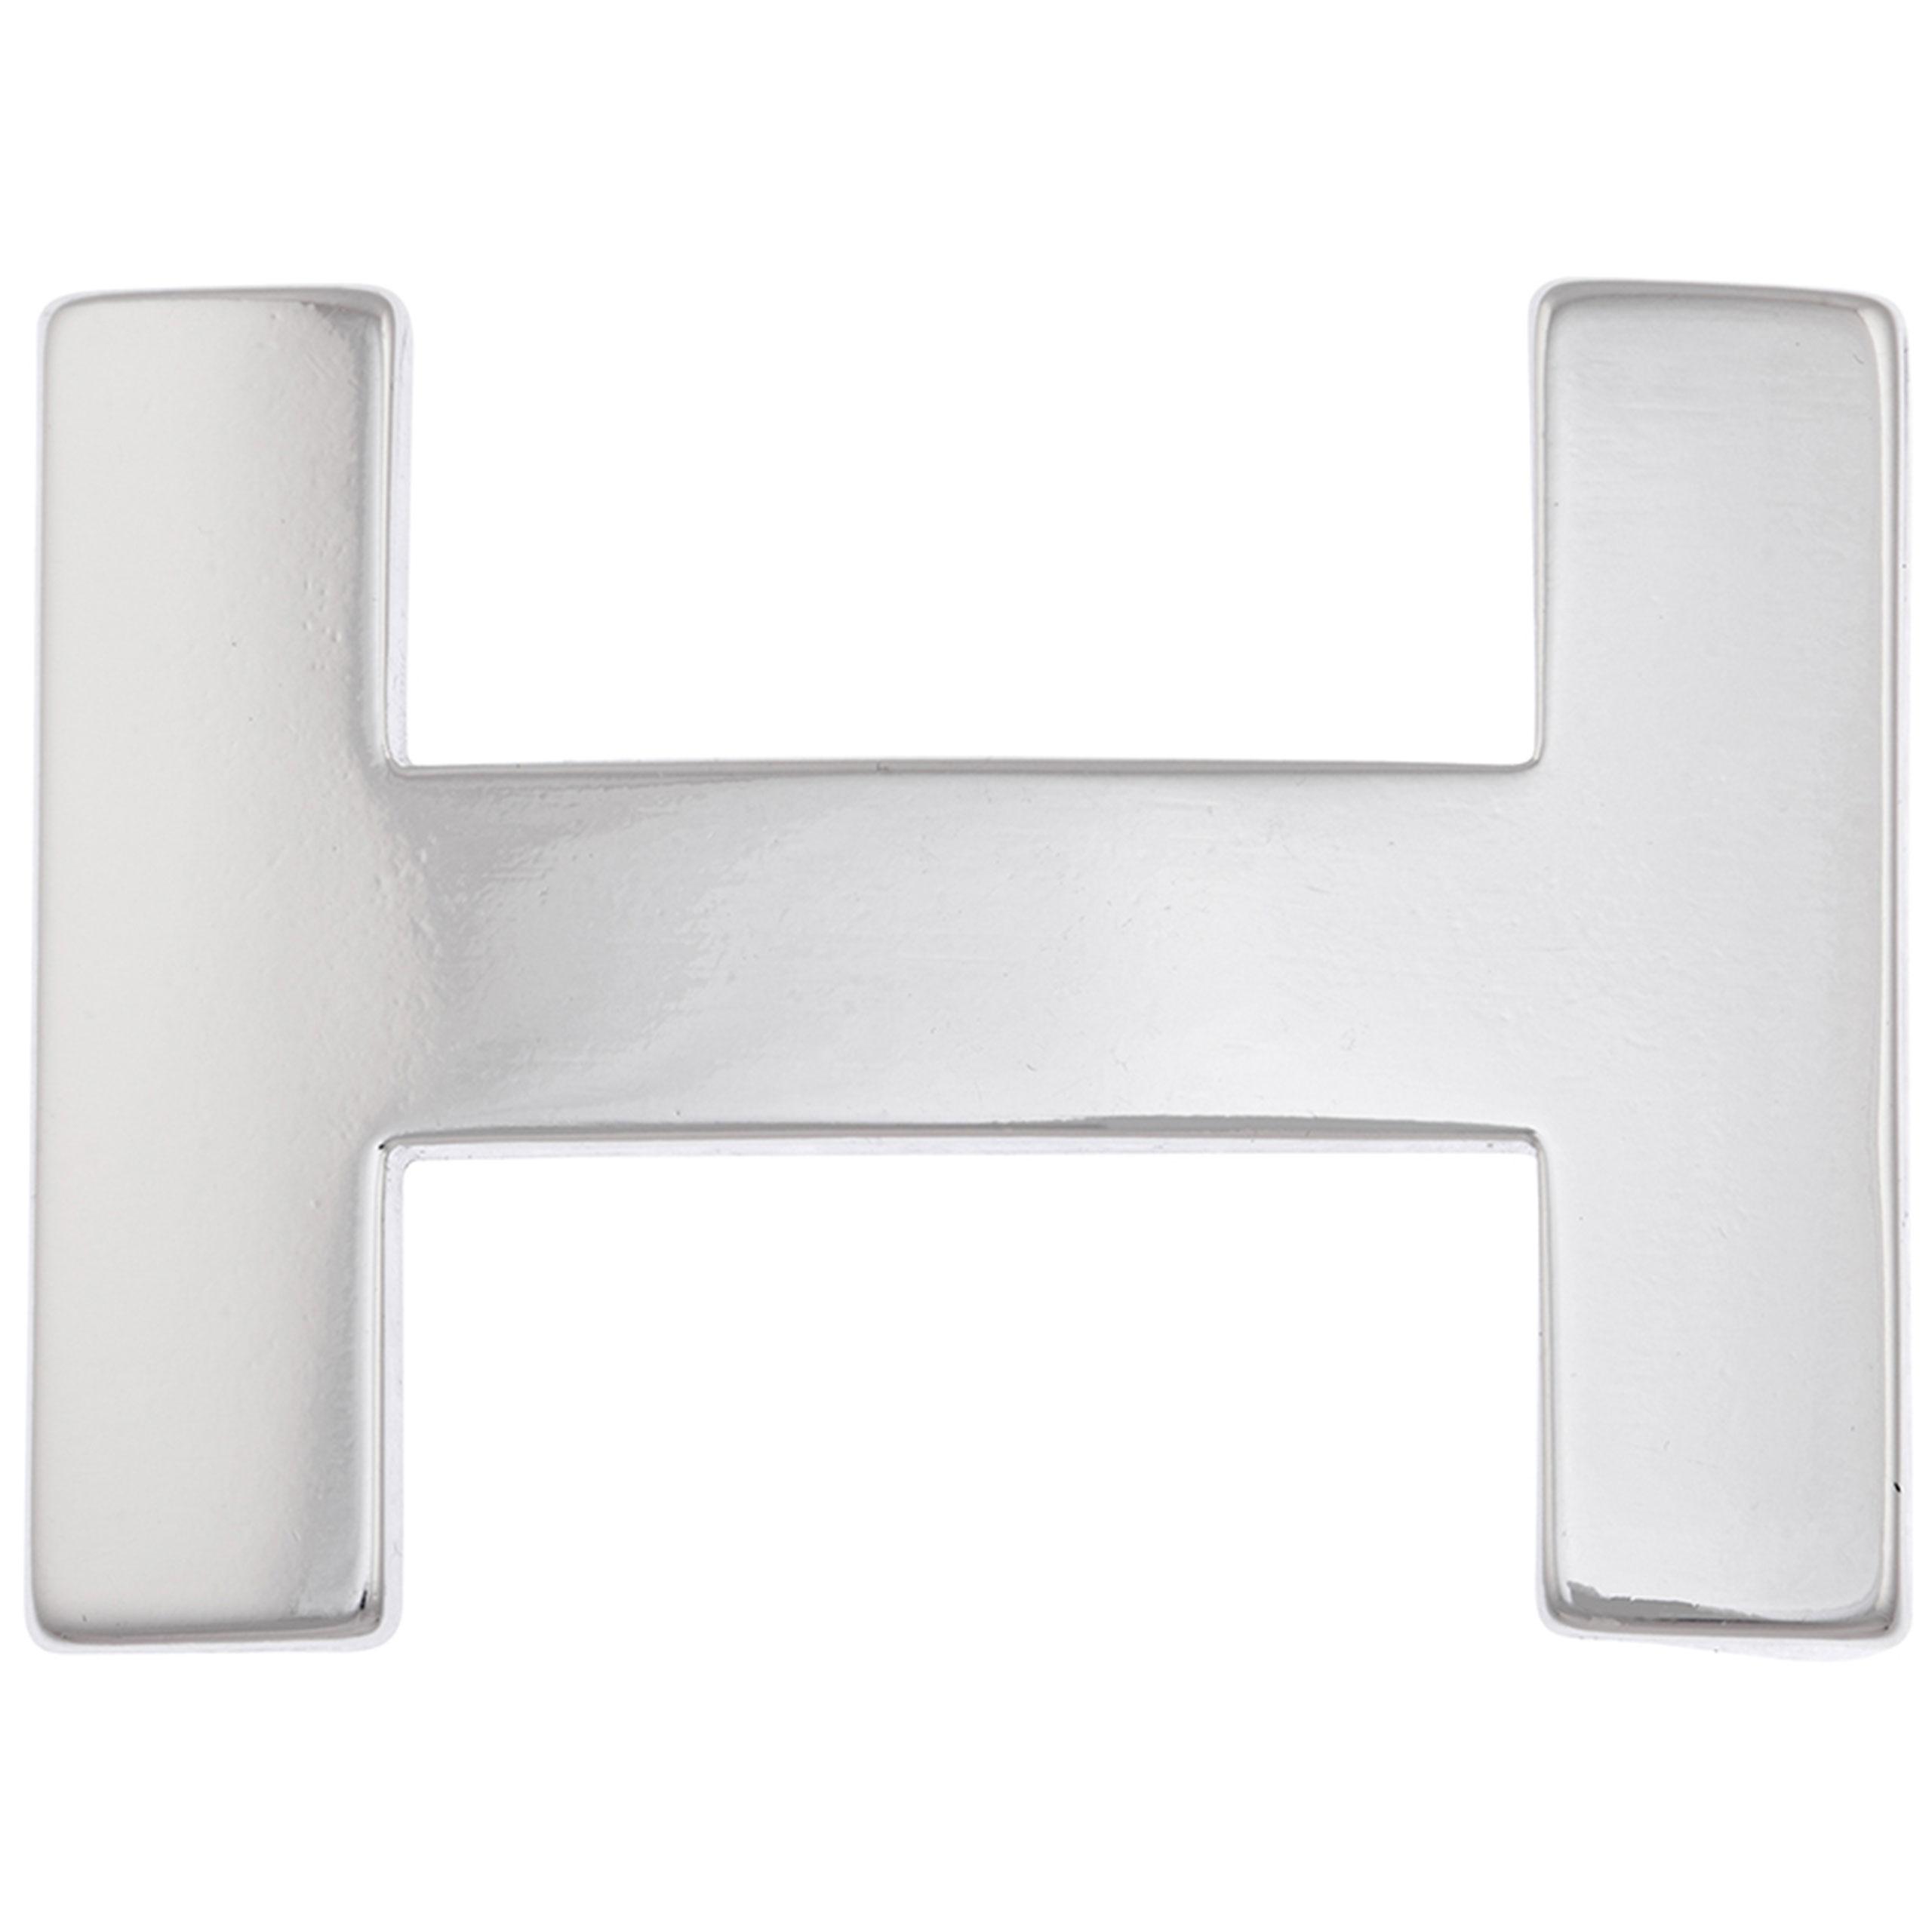 Schließe Buckle Gürtel-Schnalle Metall Budda silber Wechselschließe Schnallen